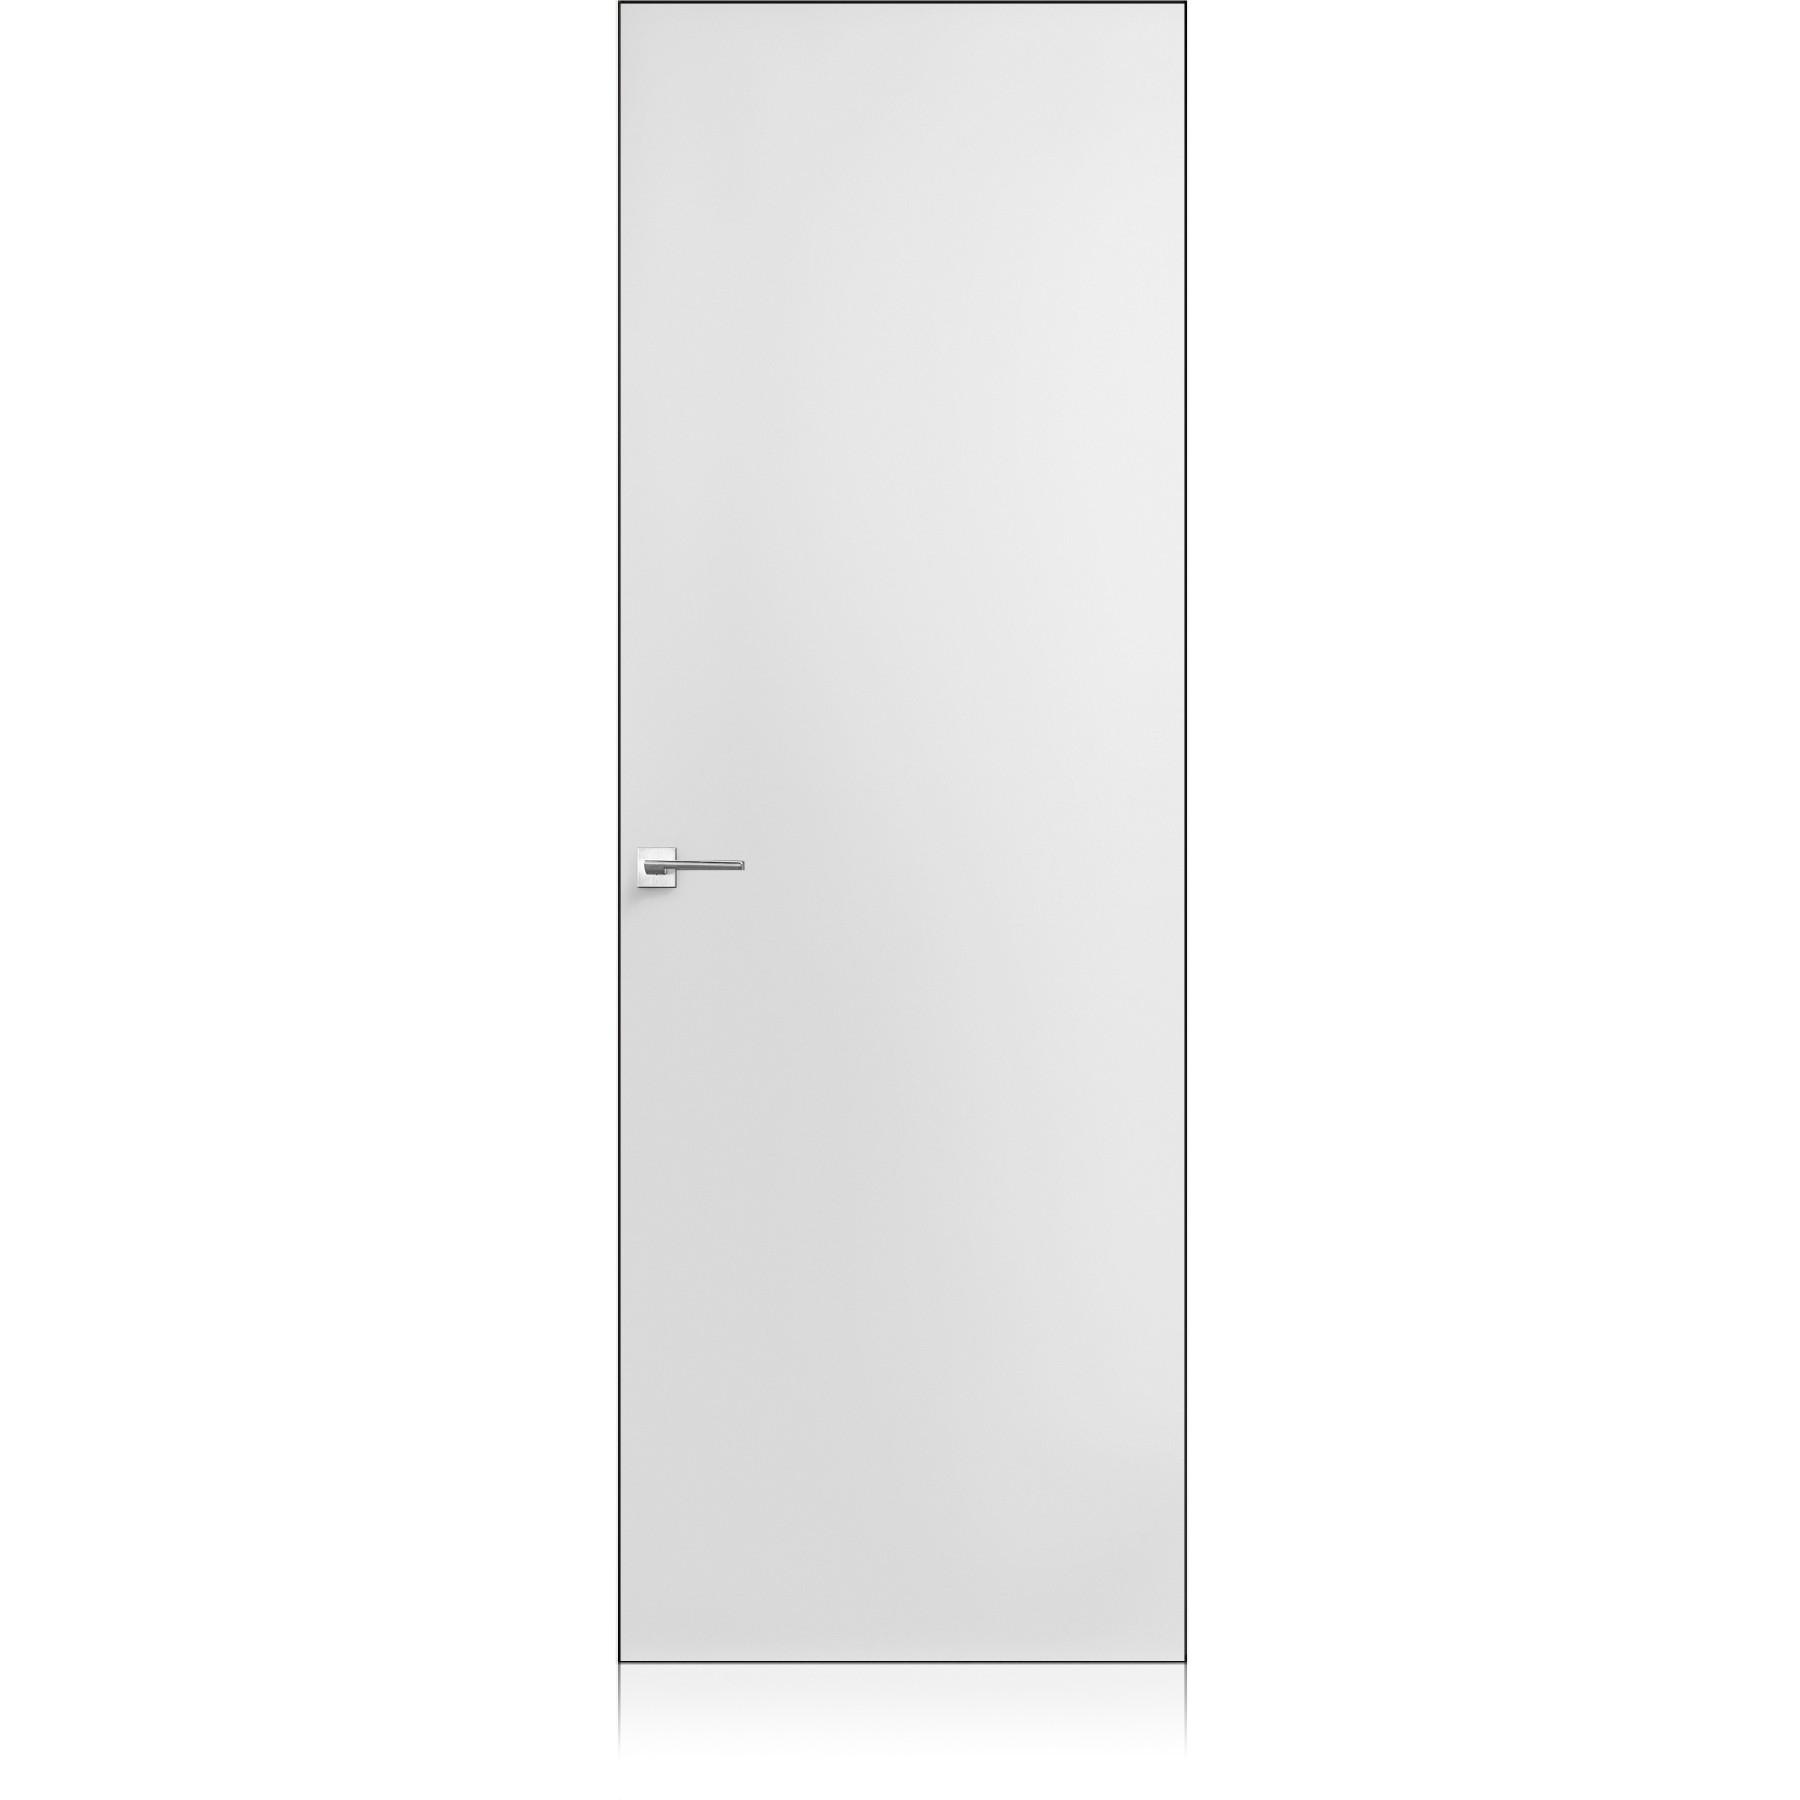 Equa Zero bianco door